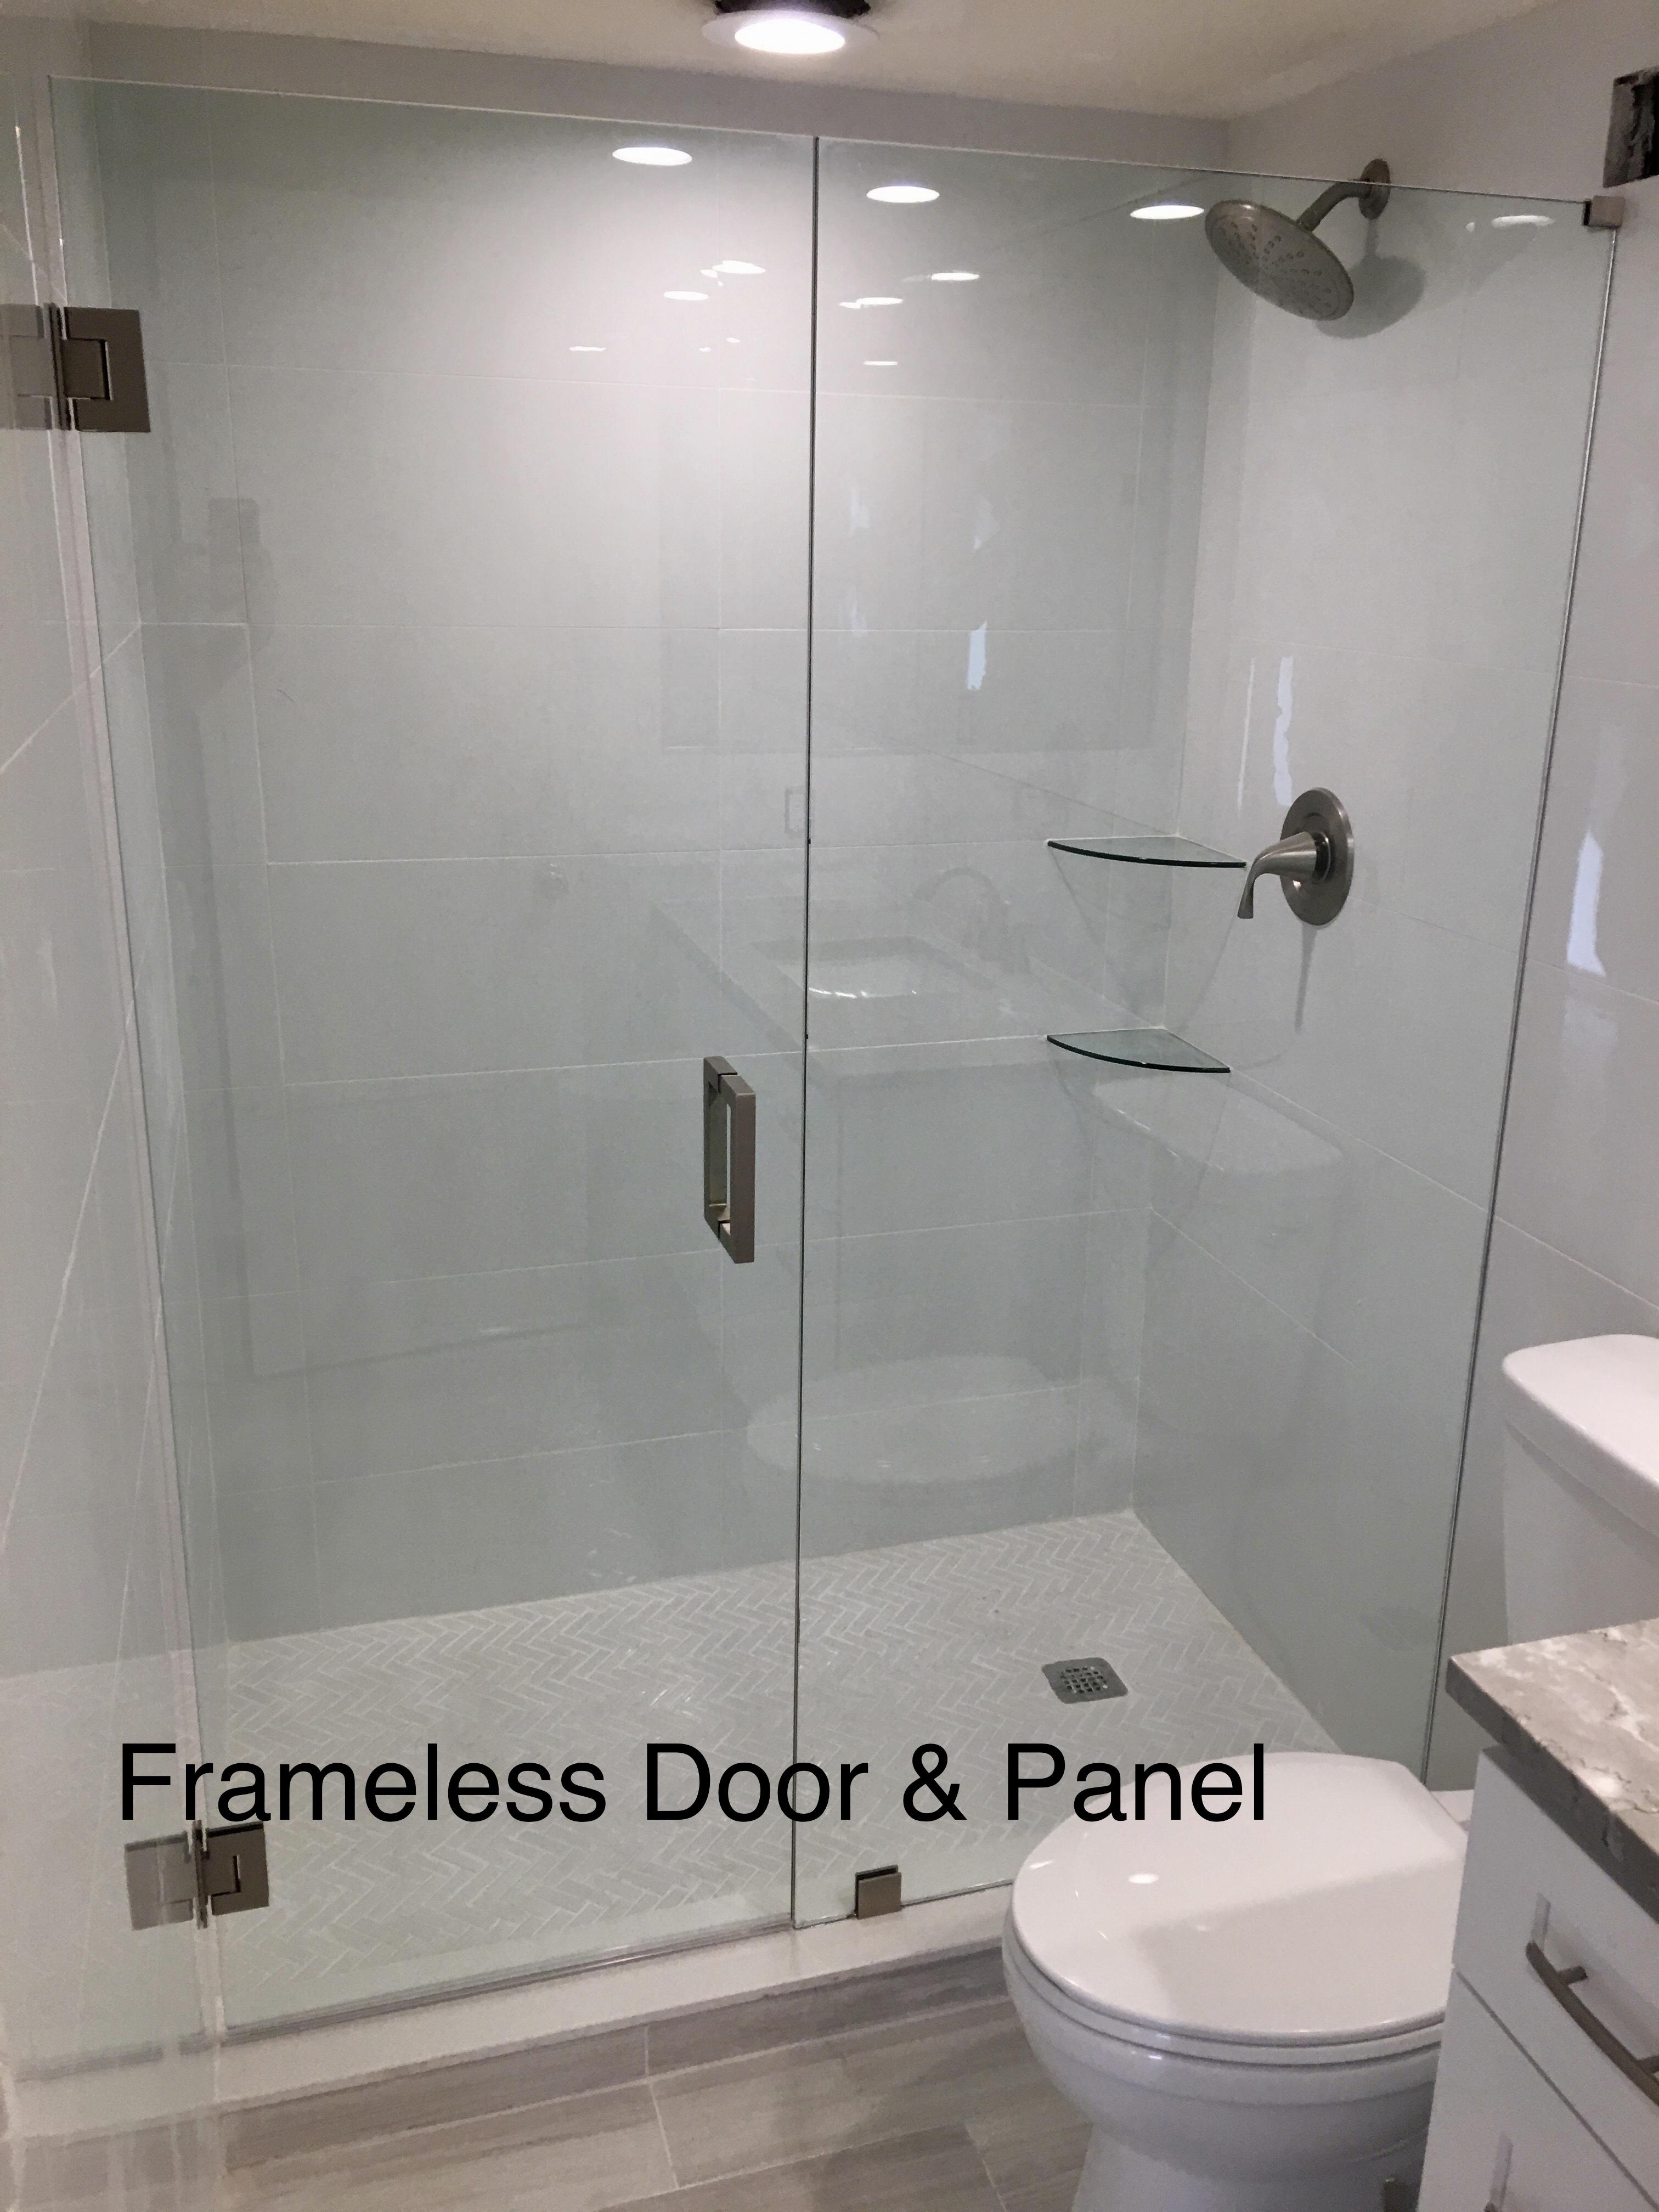 Door & Panel #2